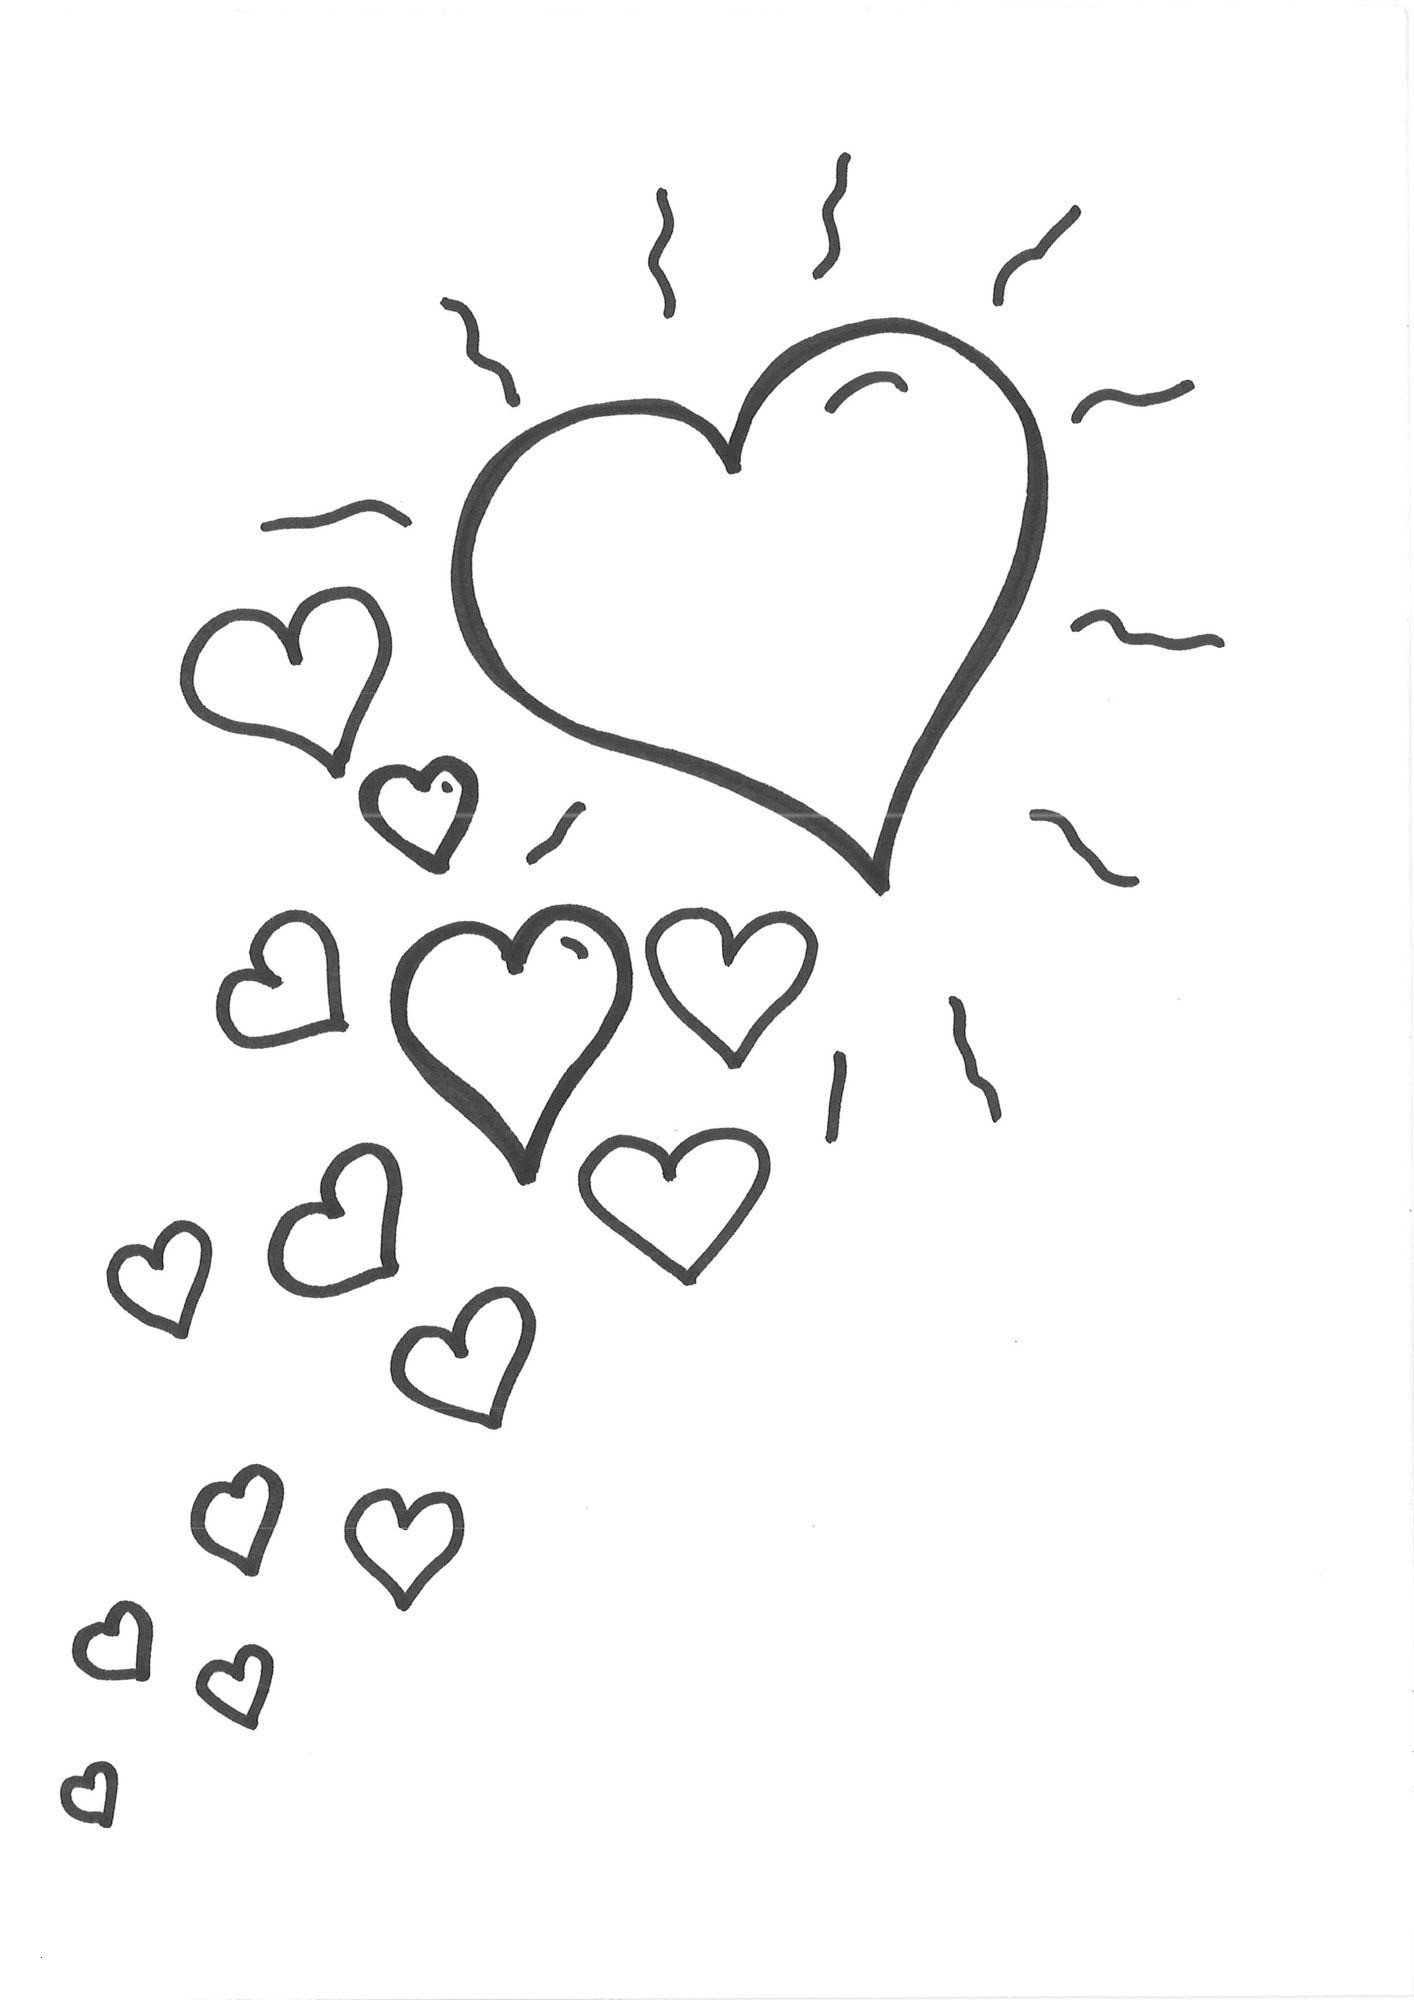 Herz Zum Ausmalen Frisch 40 Herz Malvorlagen Scoredatscore Schön Herz Ausmalbilder Beste Stock